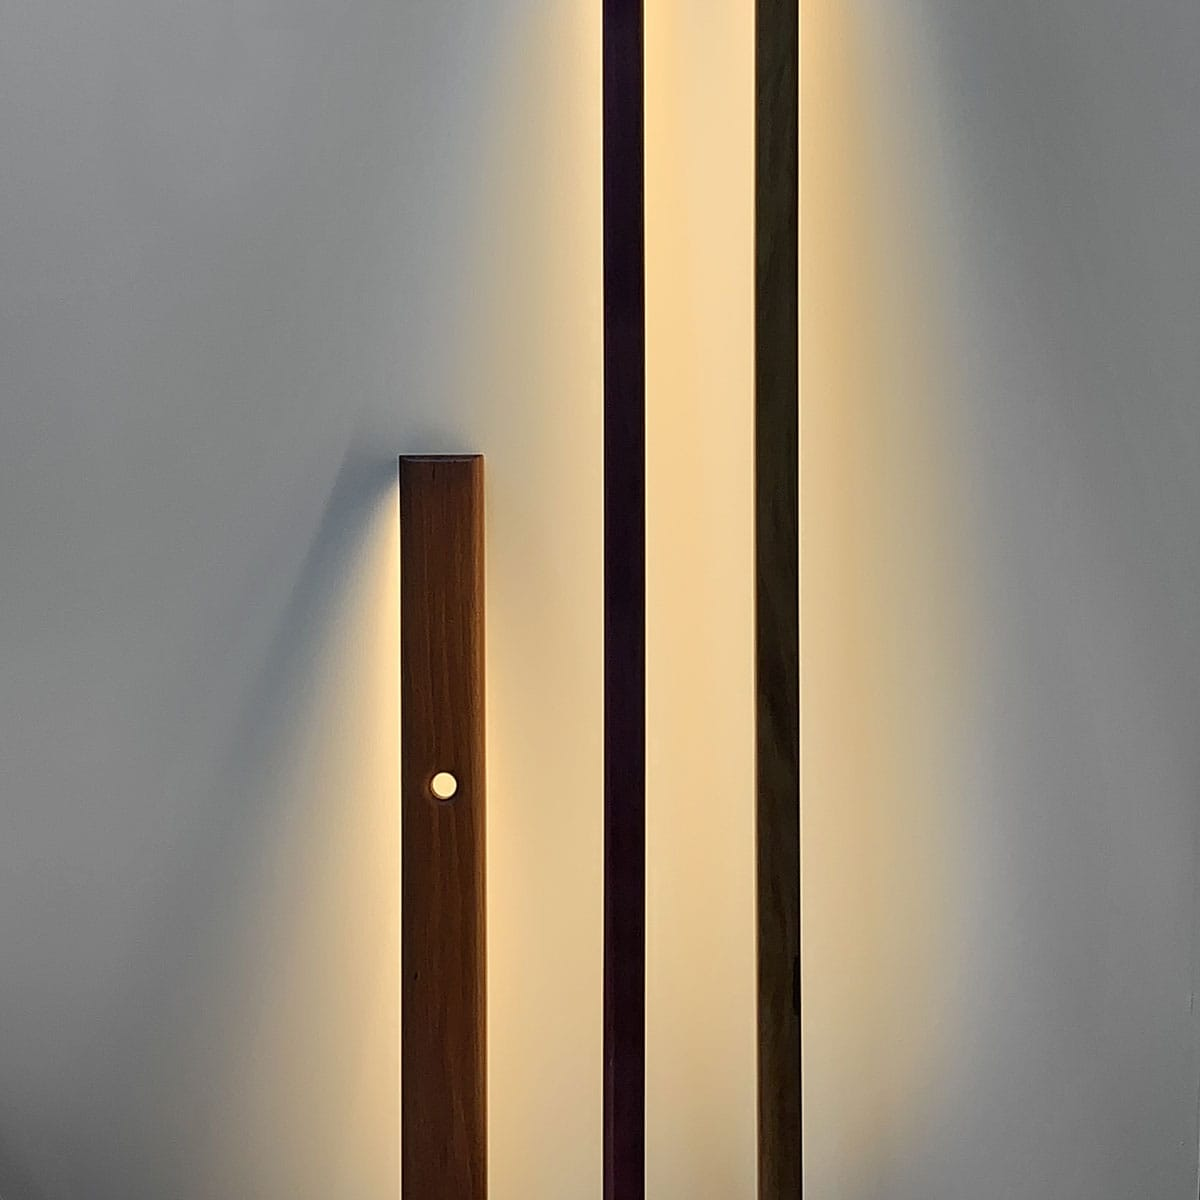 Luminária Nomade Coluna &Bull; Luminária Coluna - 3 &Bull; Deezign